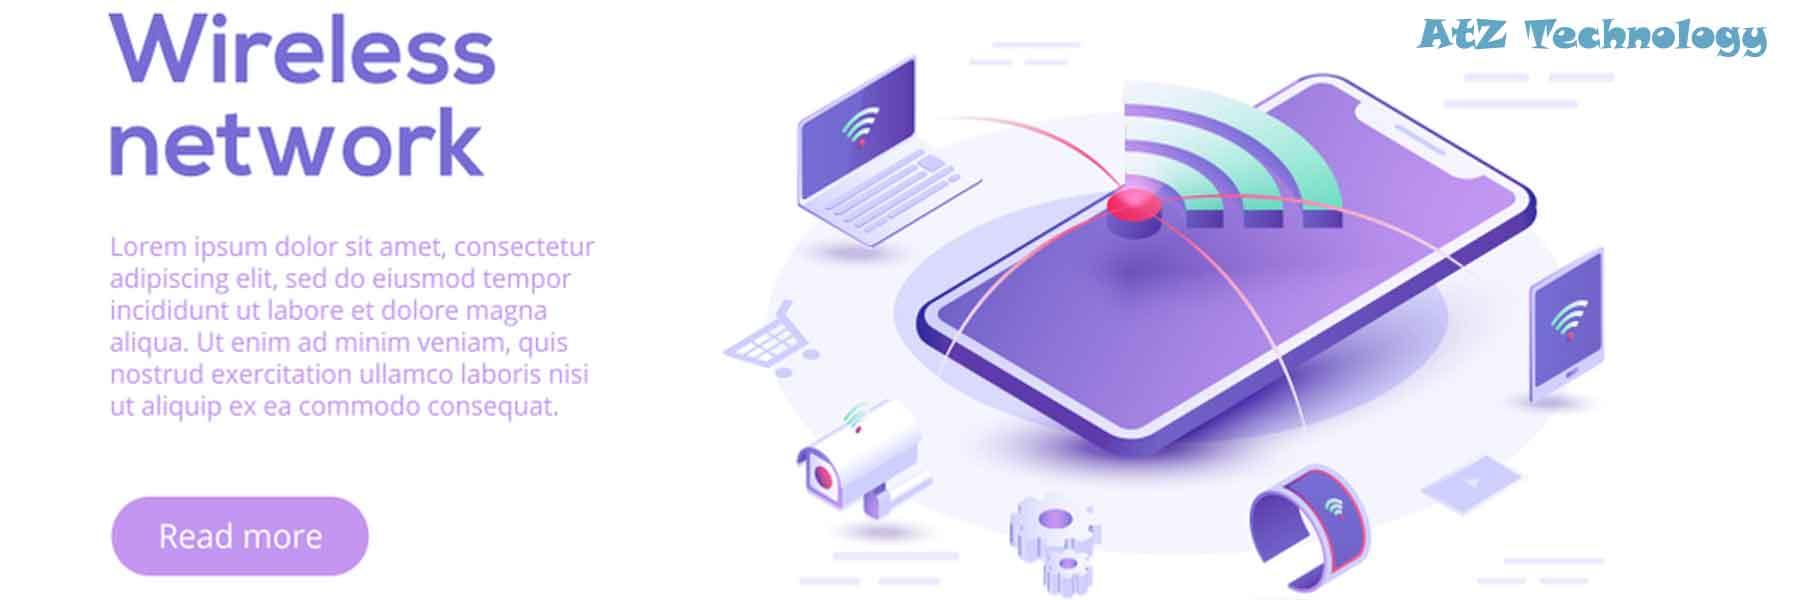 Wireless in Networking